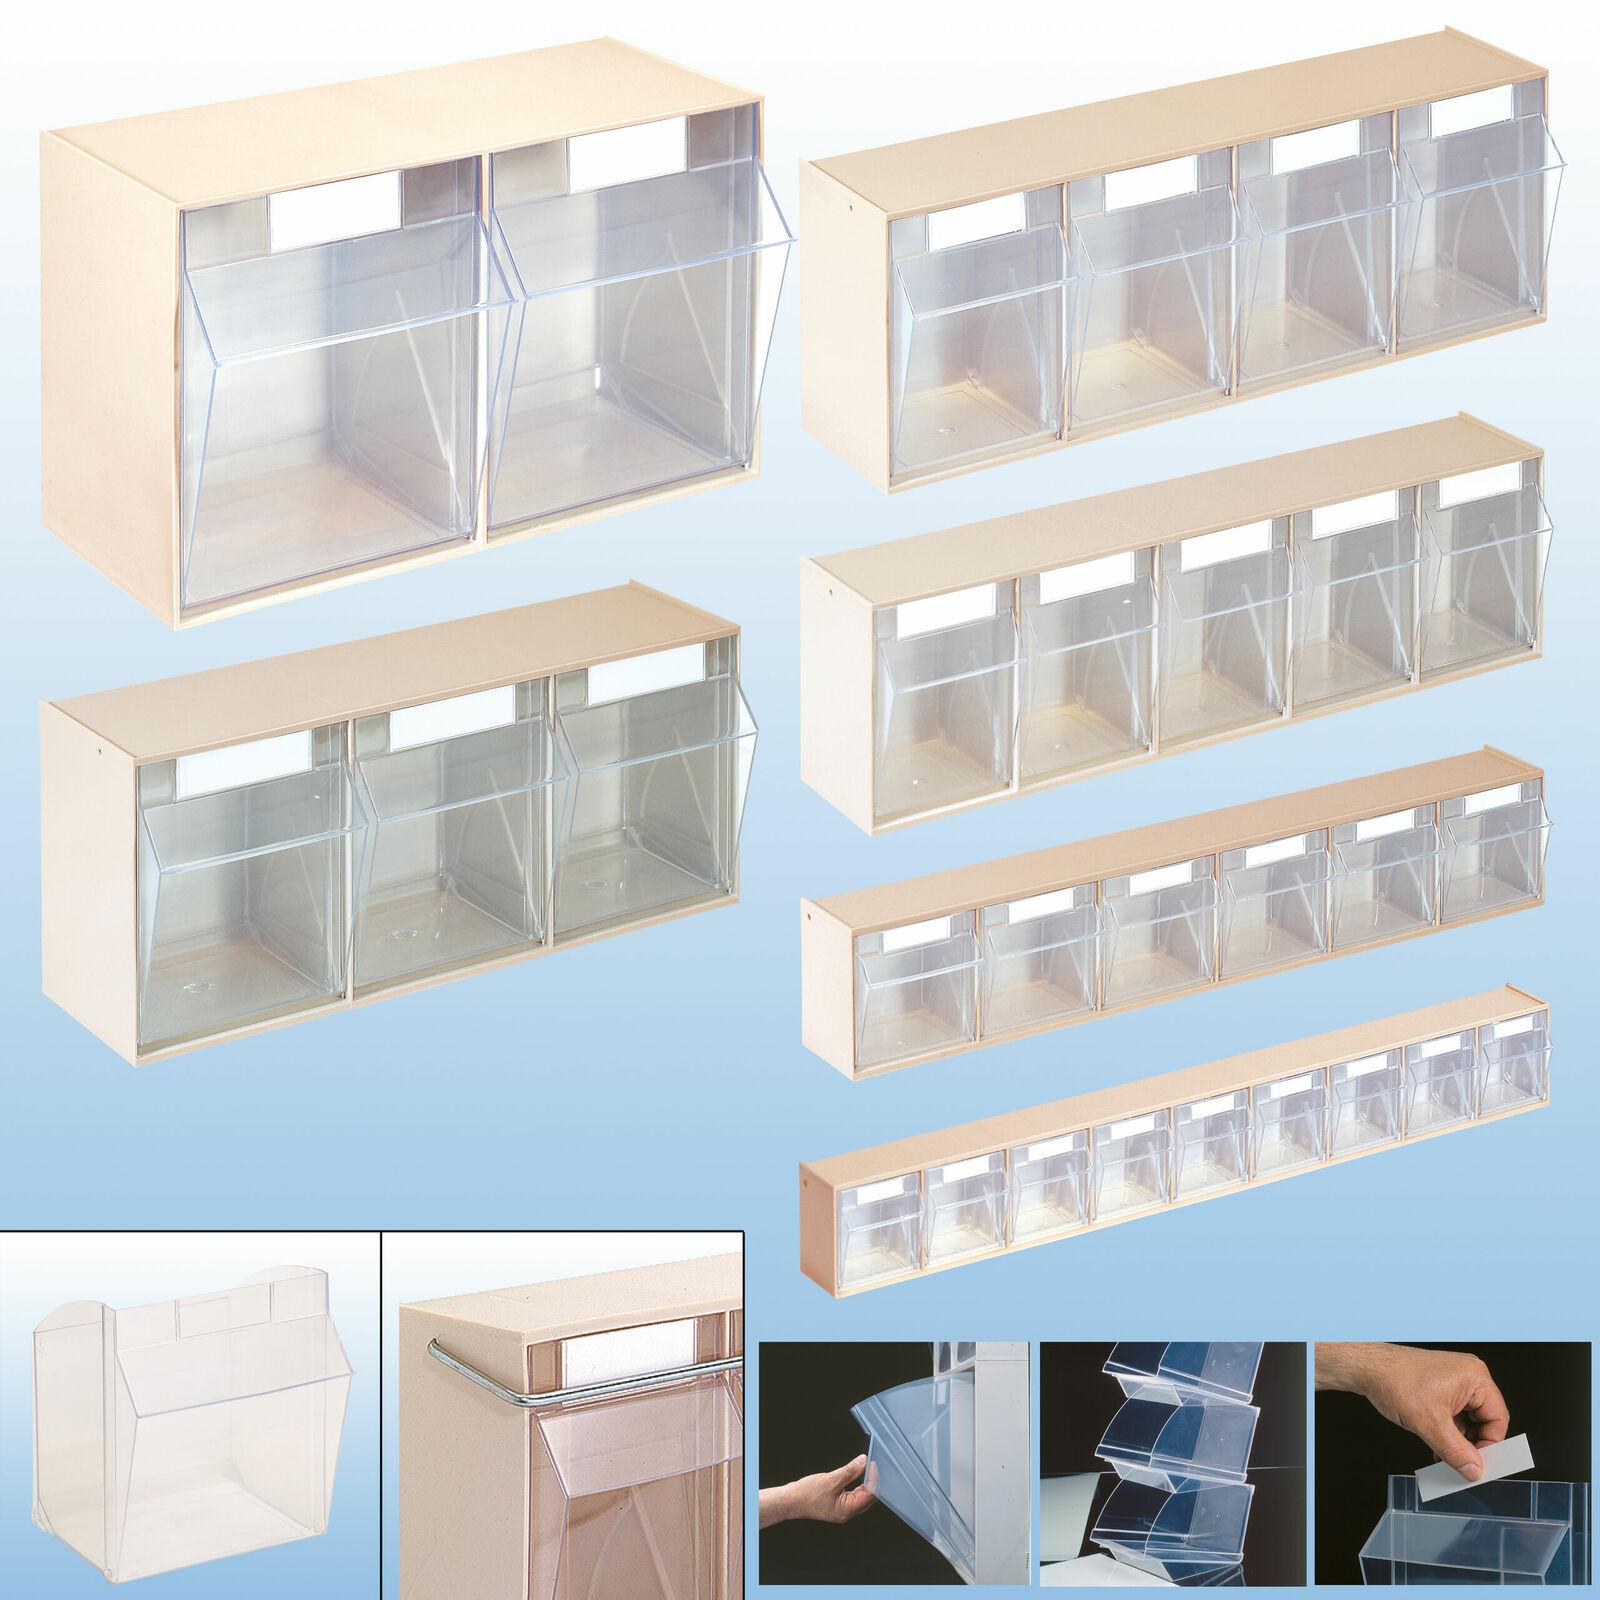 stala boxen zur aufbewahrung von kaiser systeme. Black Bedroom Furniture Sets. Home Design Ideas